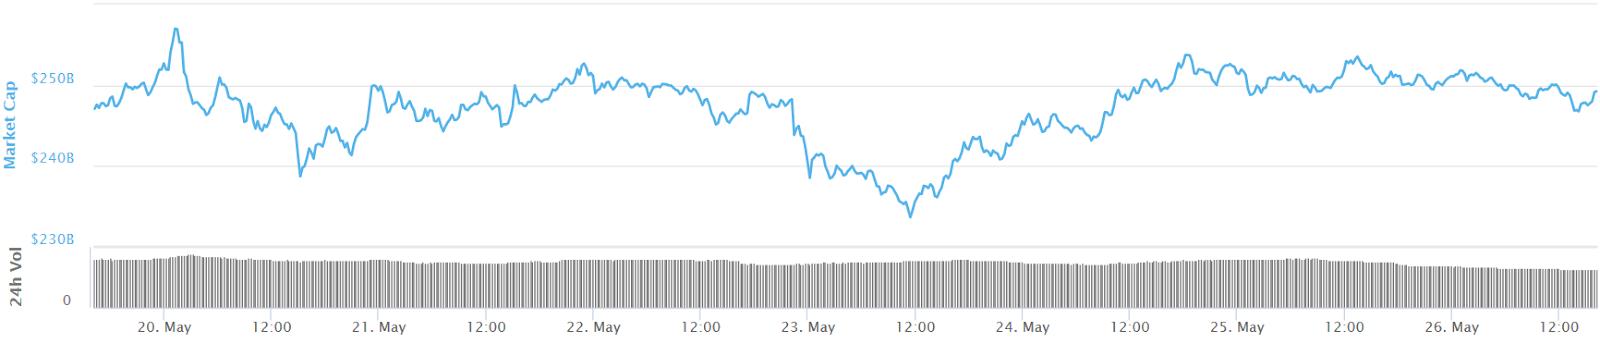 Gesamtmarktkapitalisierung 7-Tage-Diagramm